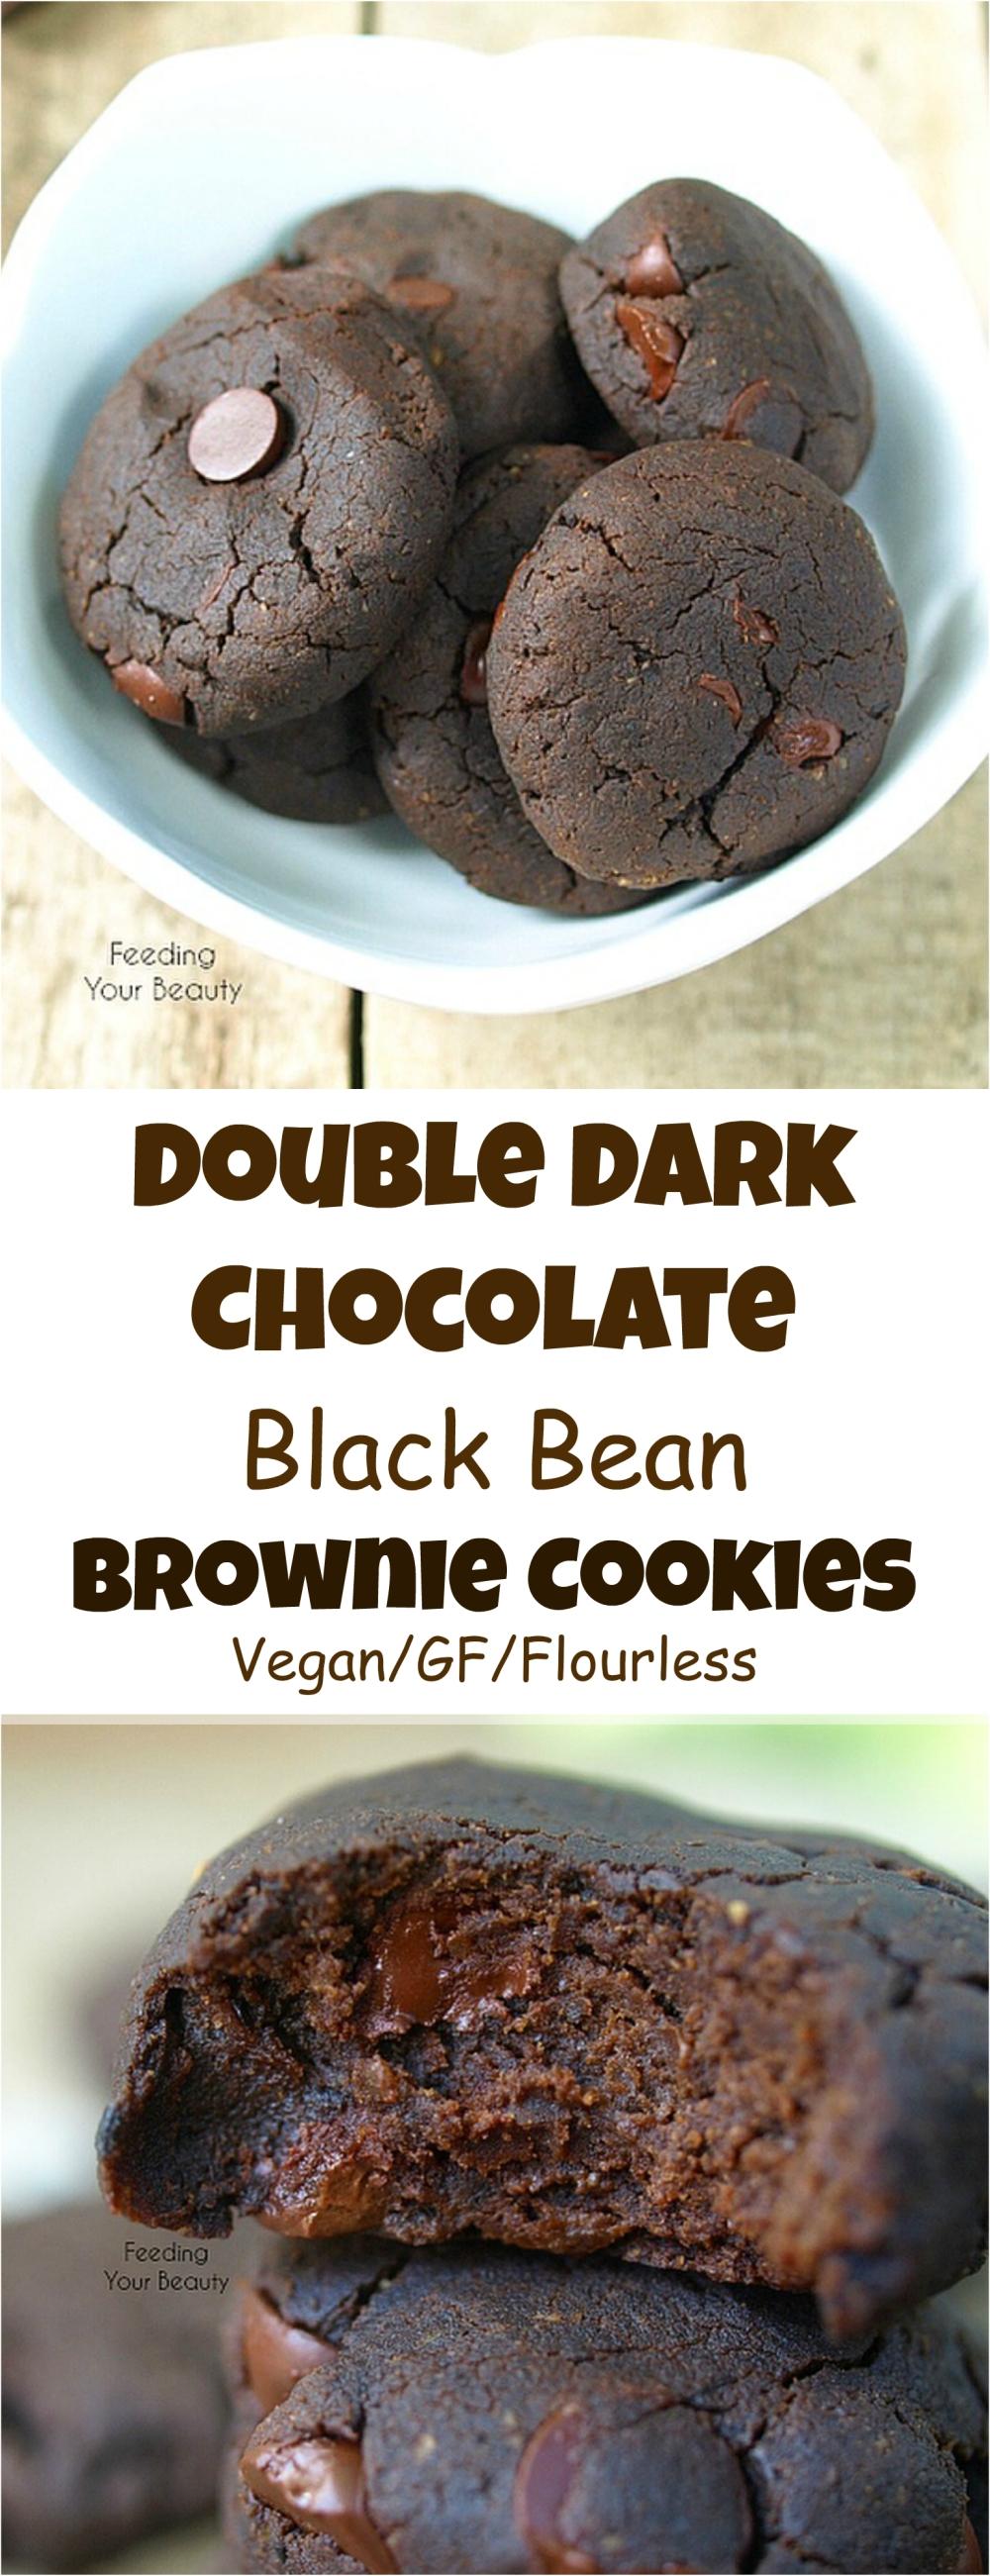 Double Dark Chocolate Black Bean Brownie Cookies - Vegan, Gluten Free, Flourless, Oil Free